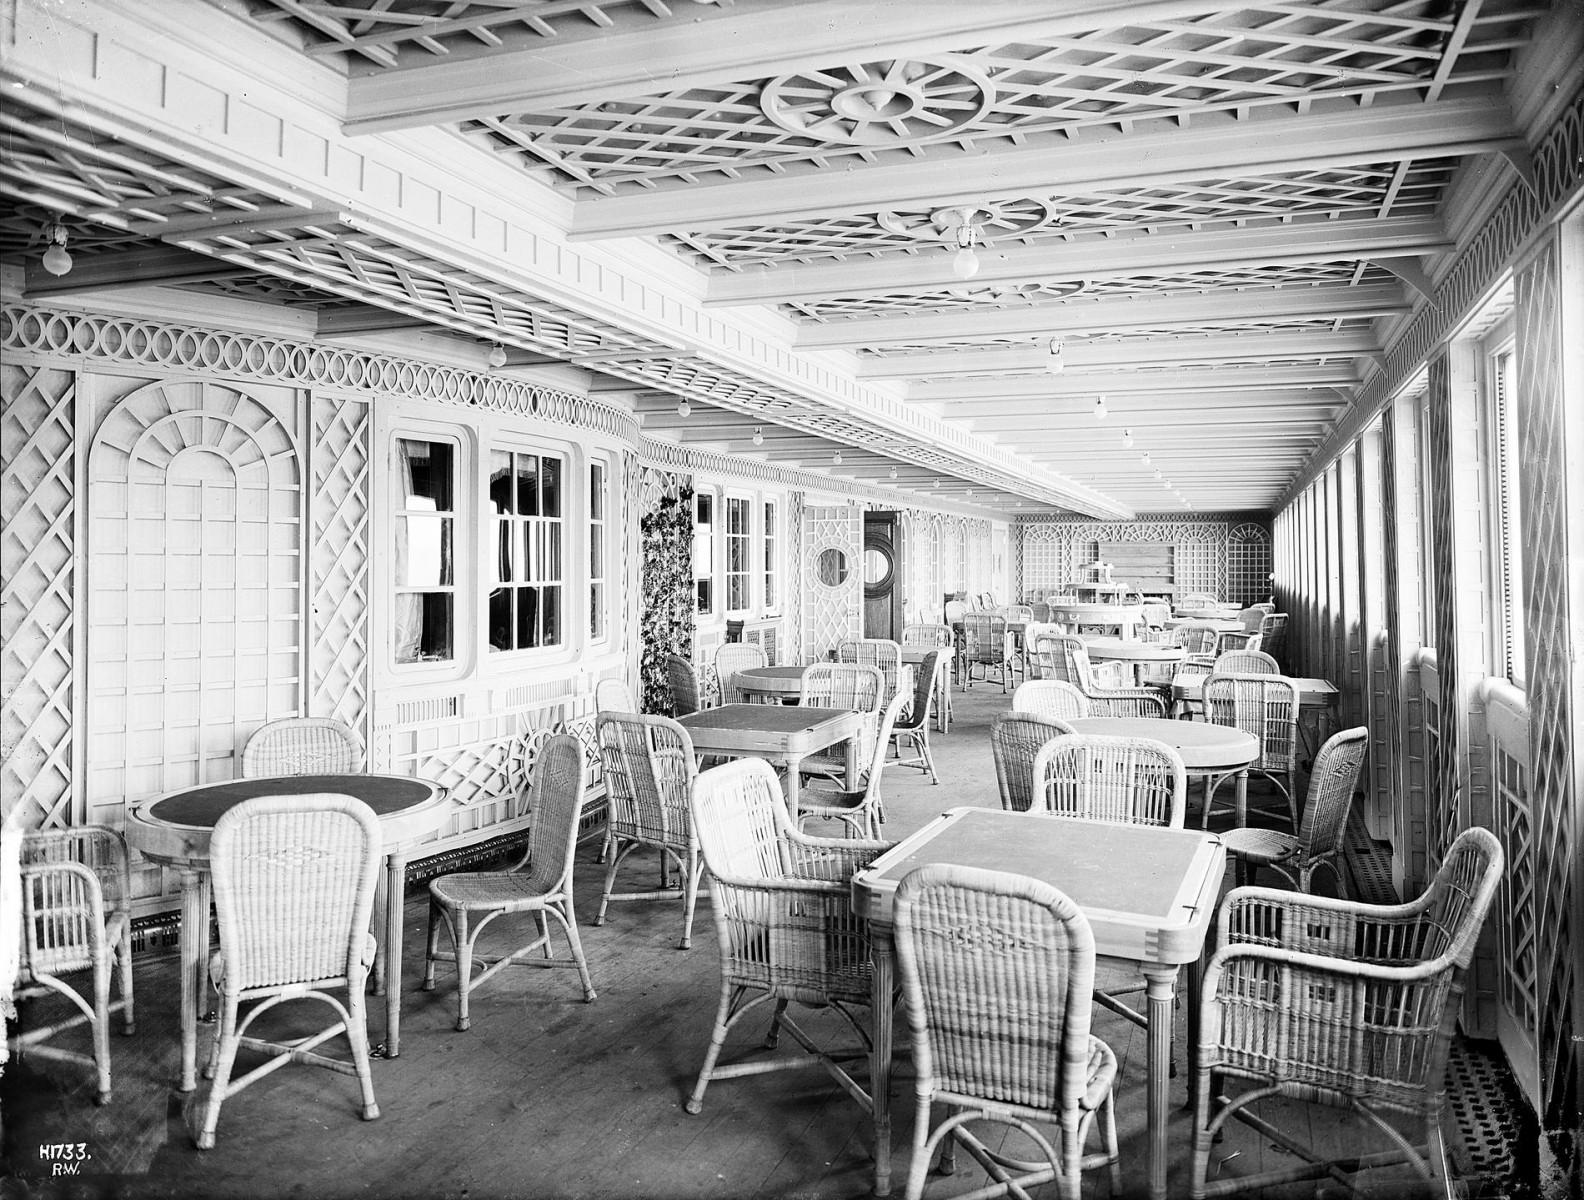 The Cafe Parisien.